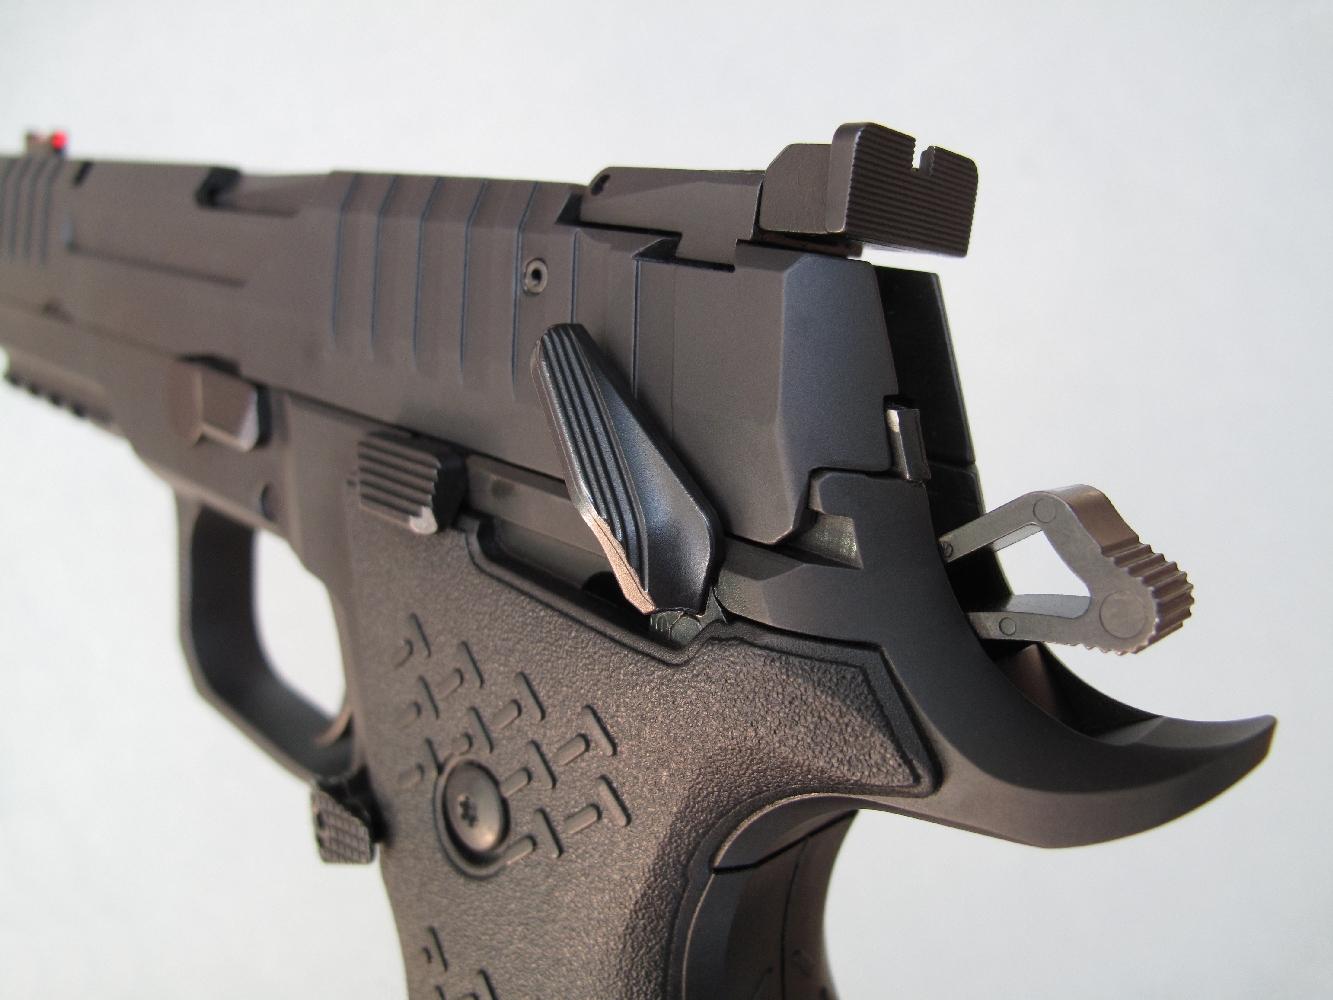 Le tireur peut très aisément enclencher ou désactiver la sûreté sans déchausser la main grâce à l'ergonomie et à la douceur du levier ambidextre qui l'actionne.